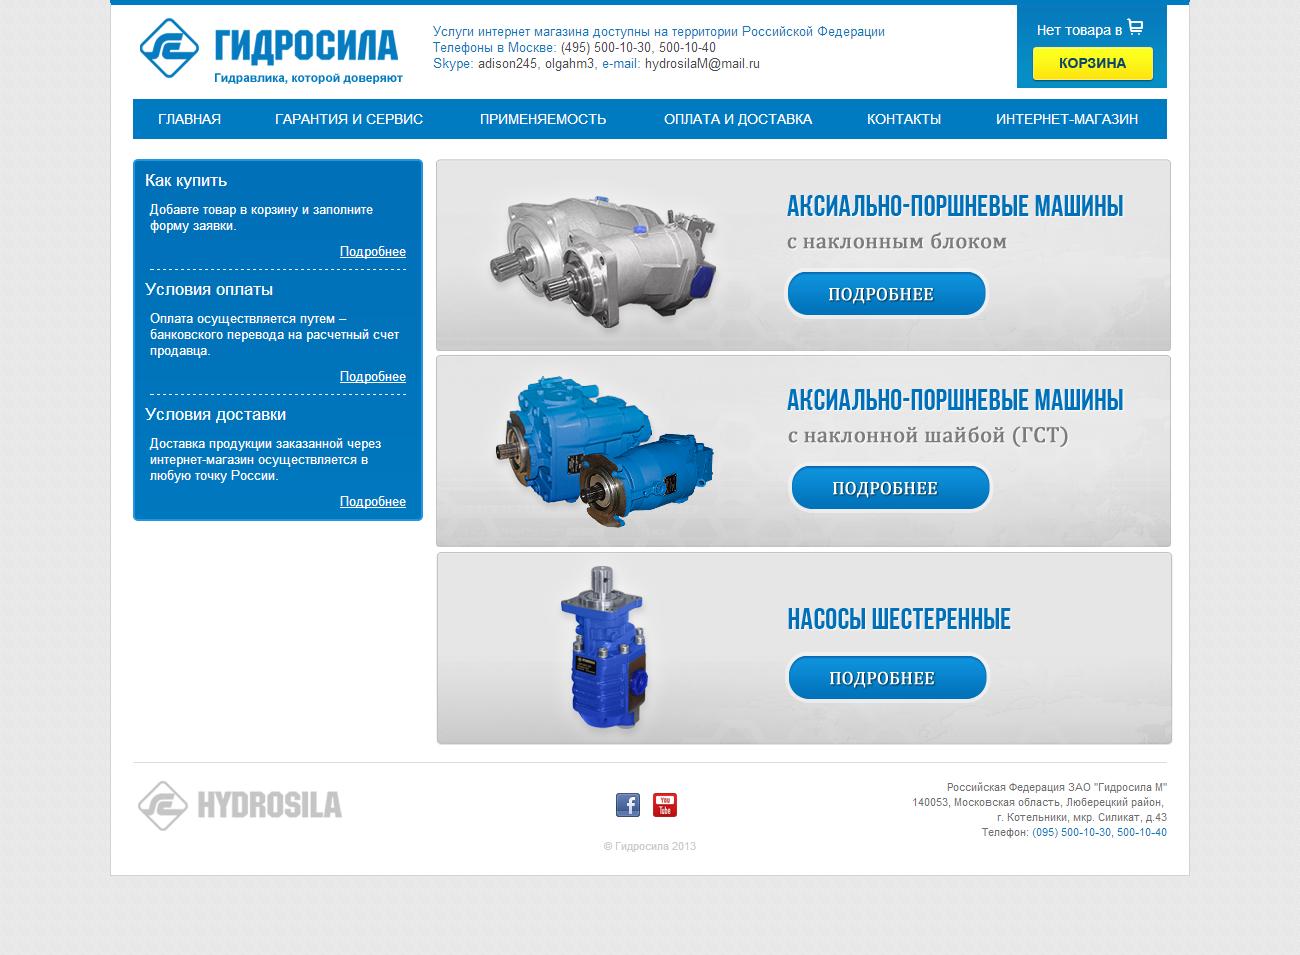 """ЗАО """"Гидросила М"""" - производитель гидравлических силовых машин"""